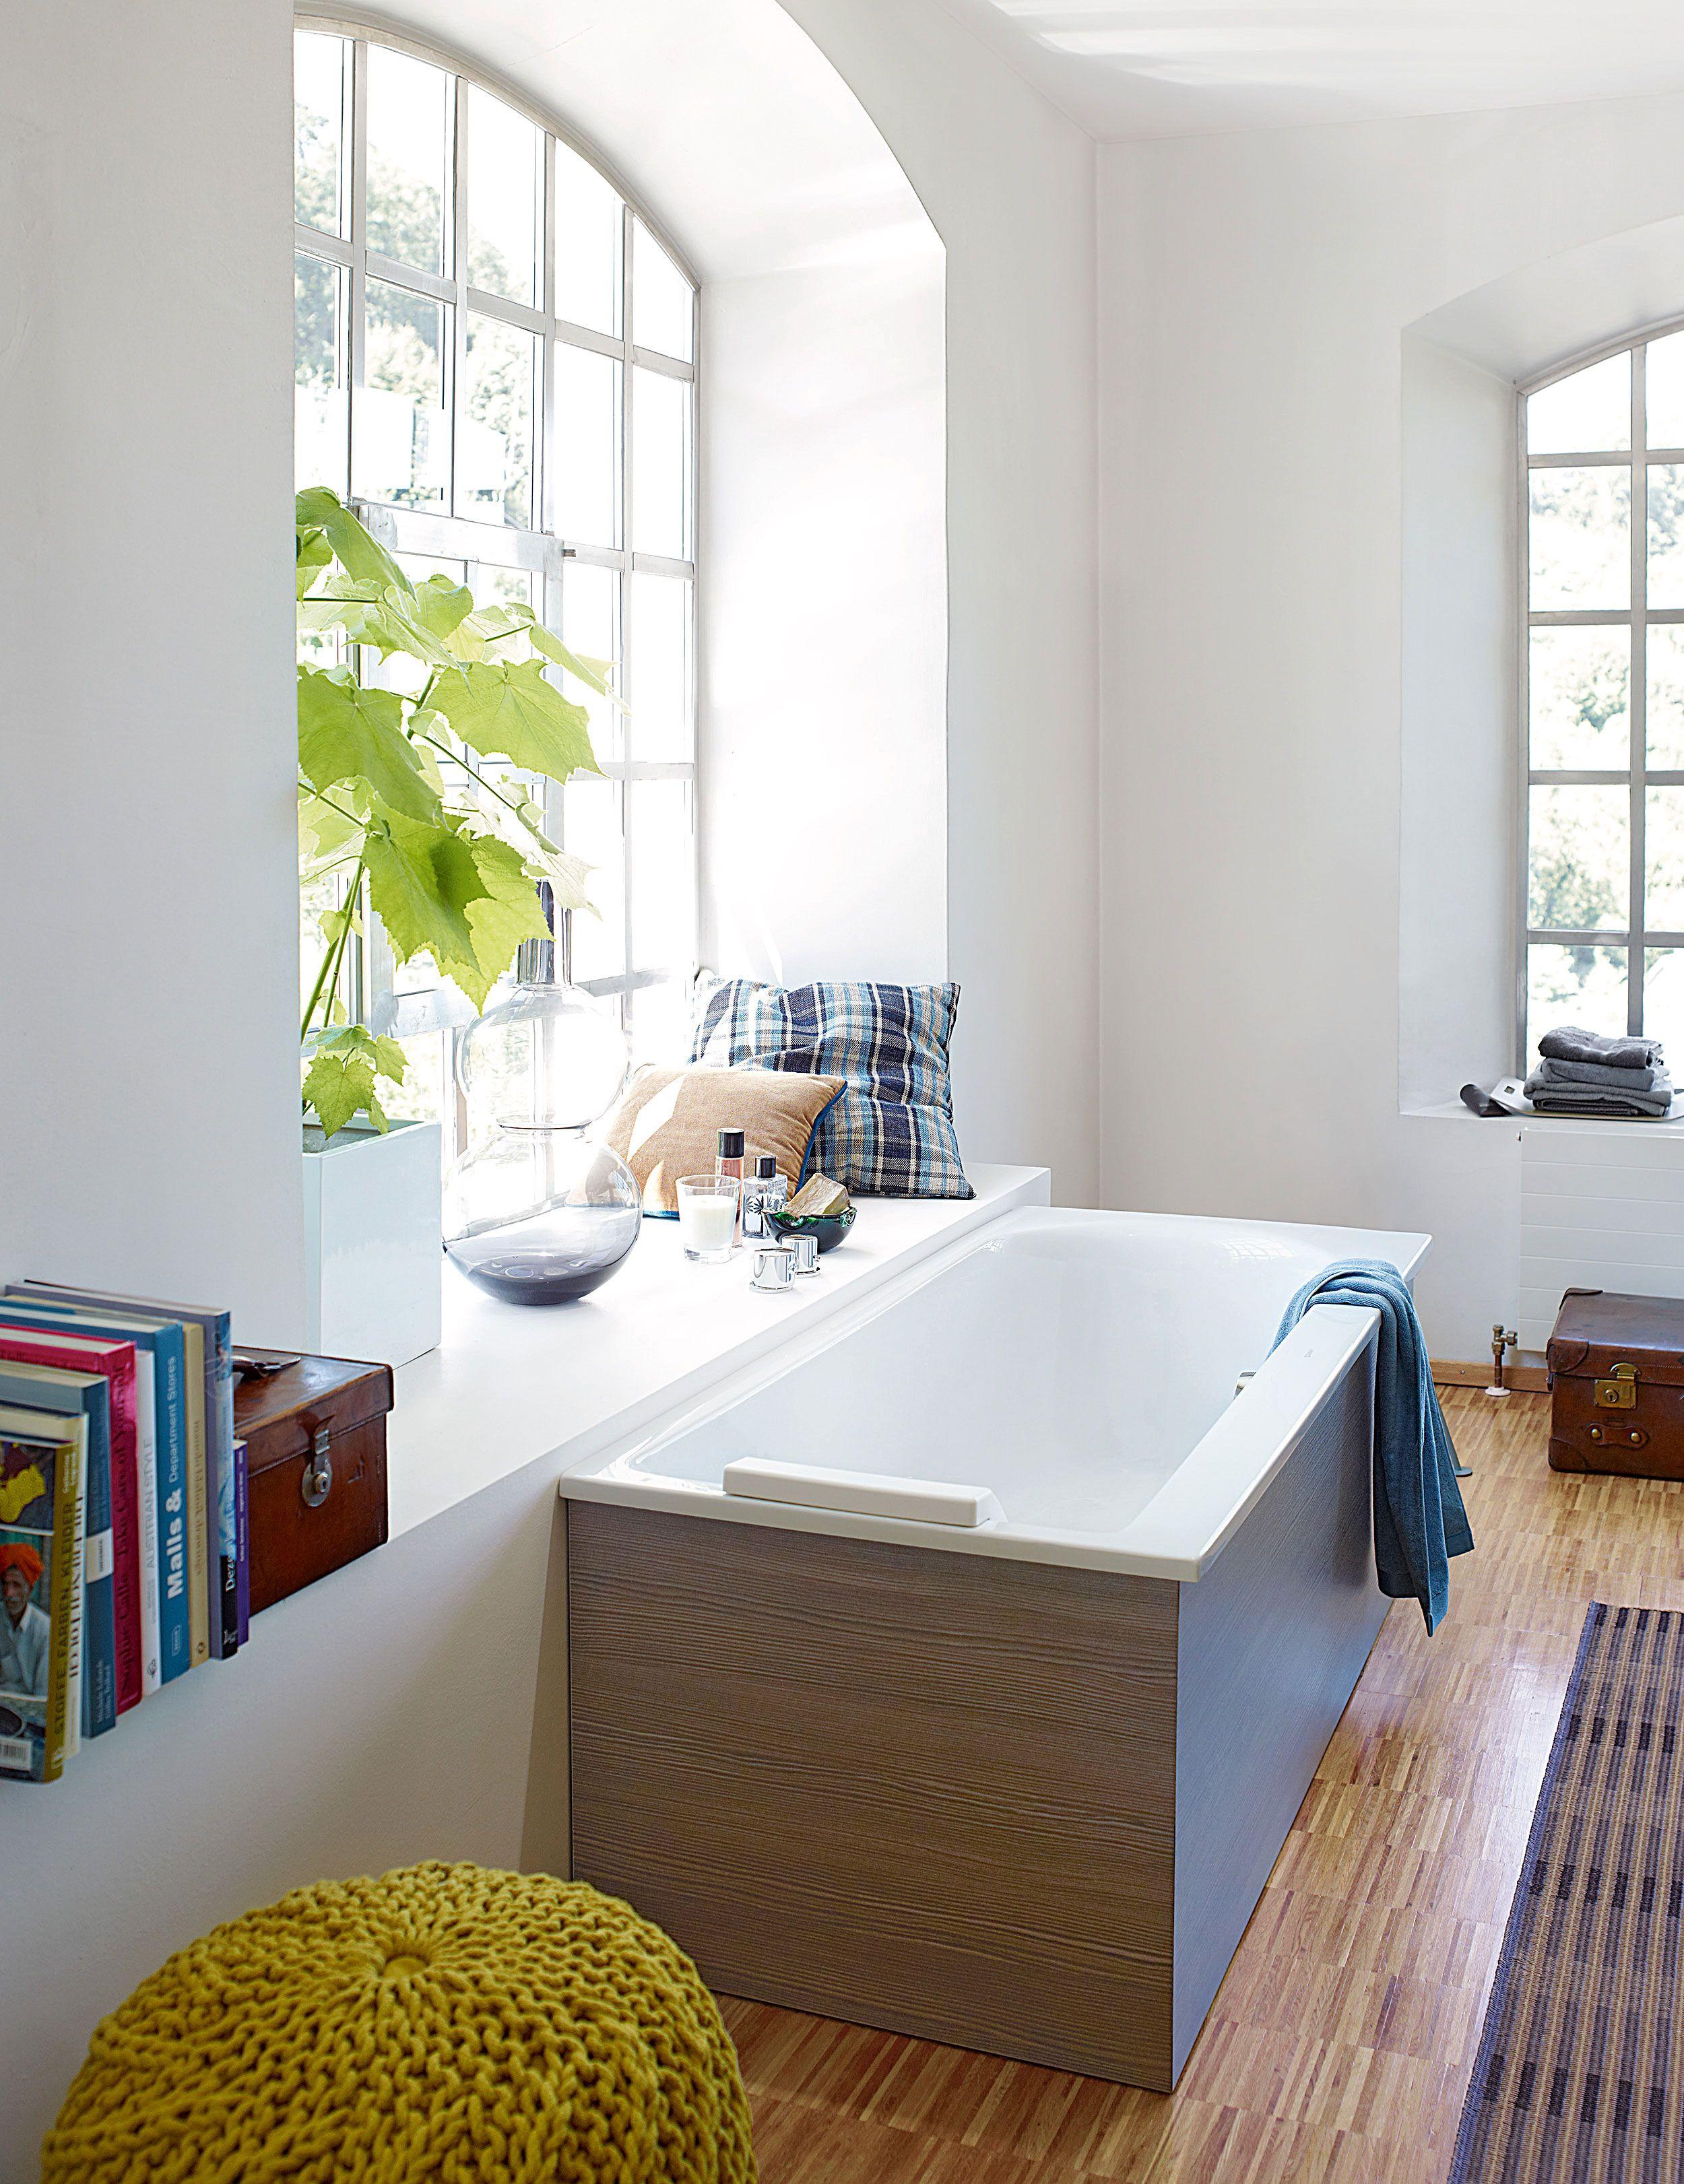 Tipps Zur Badewanne Planung Kauf Einbau Und Pflege Modern Luxury Bathroom Duravit Bathroom Furniture Design